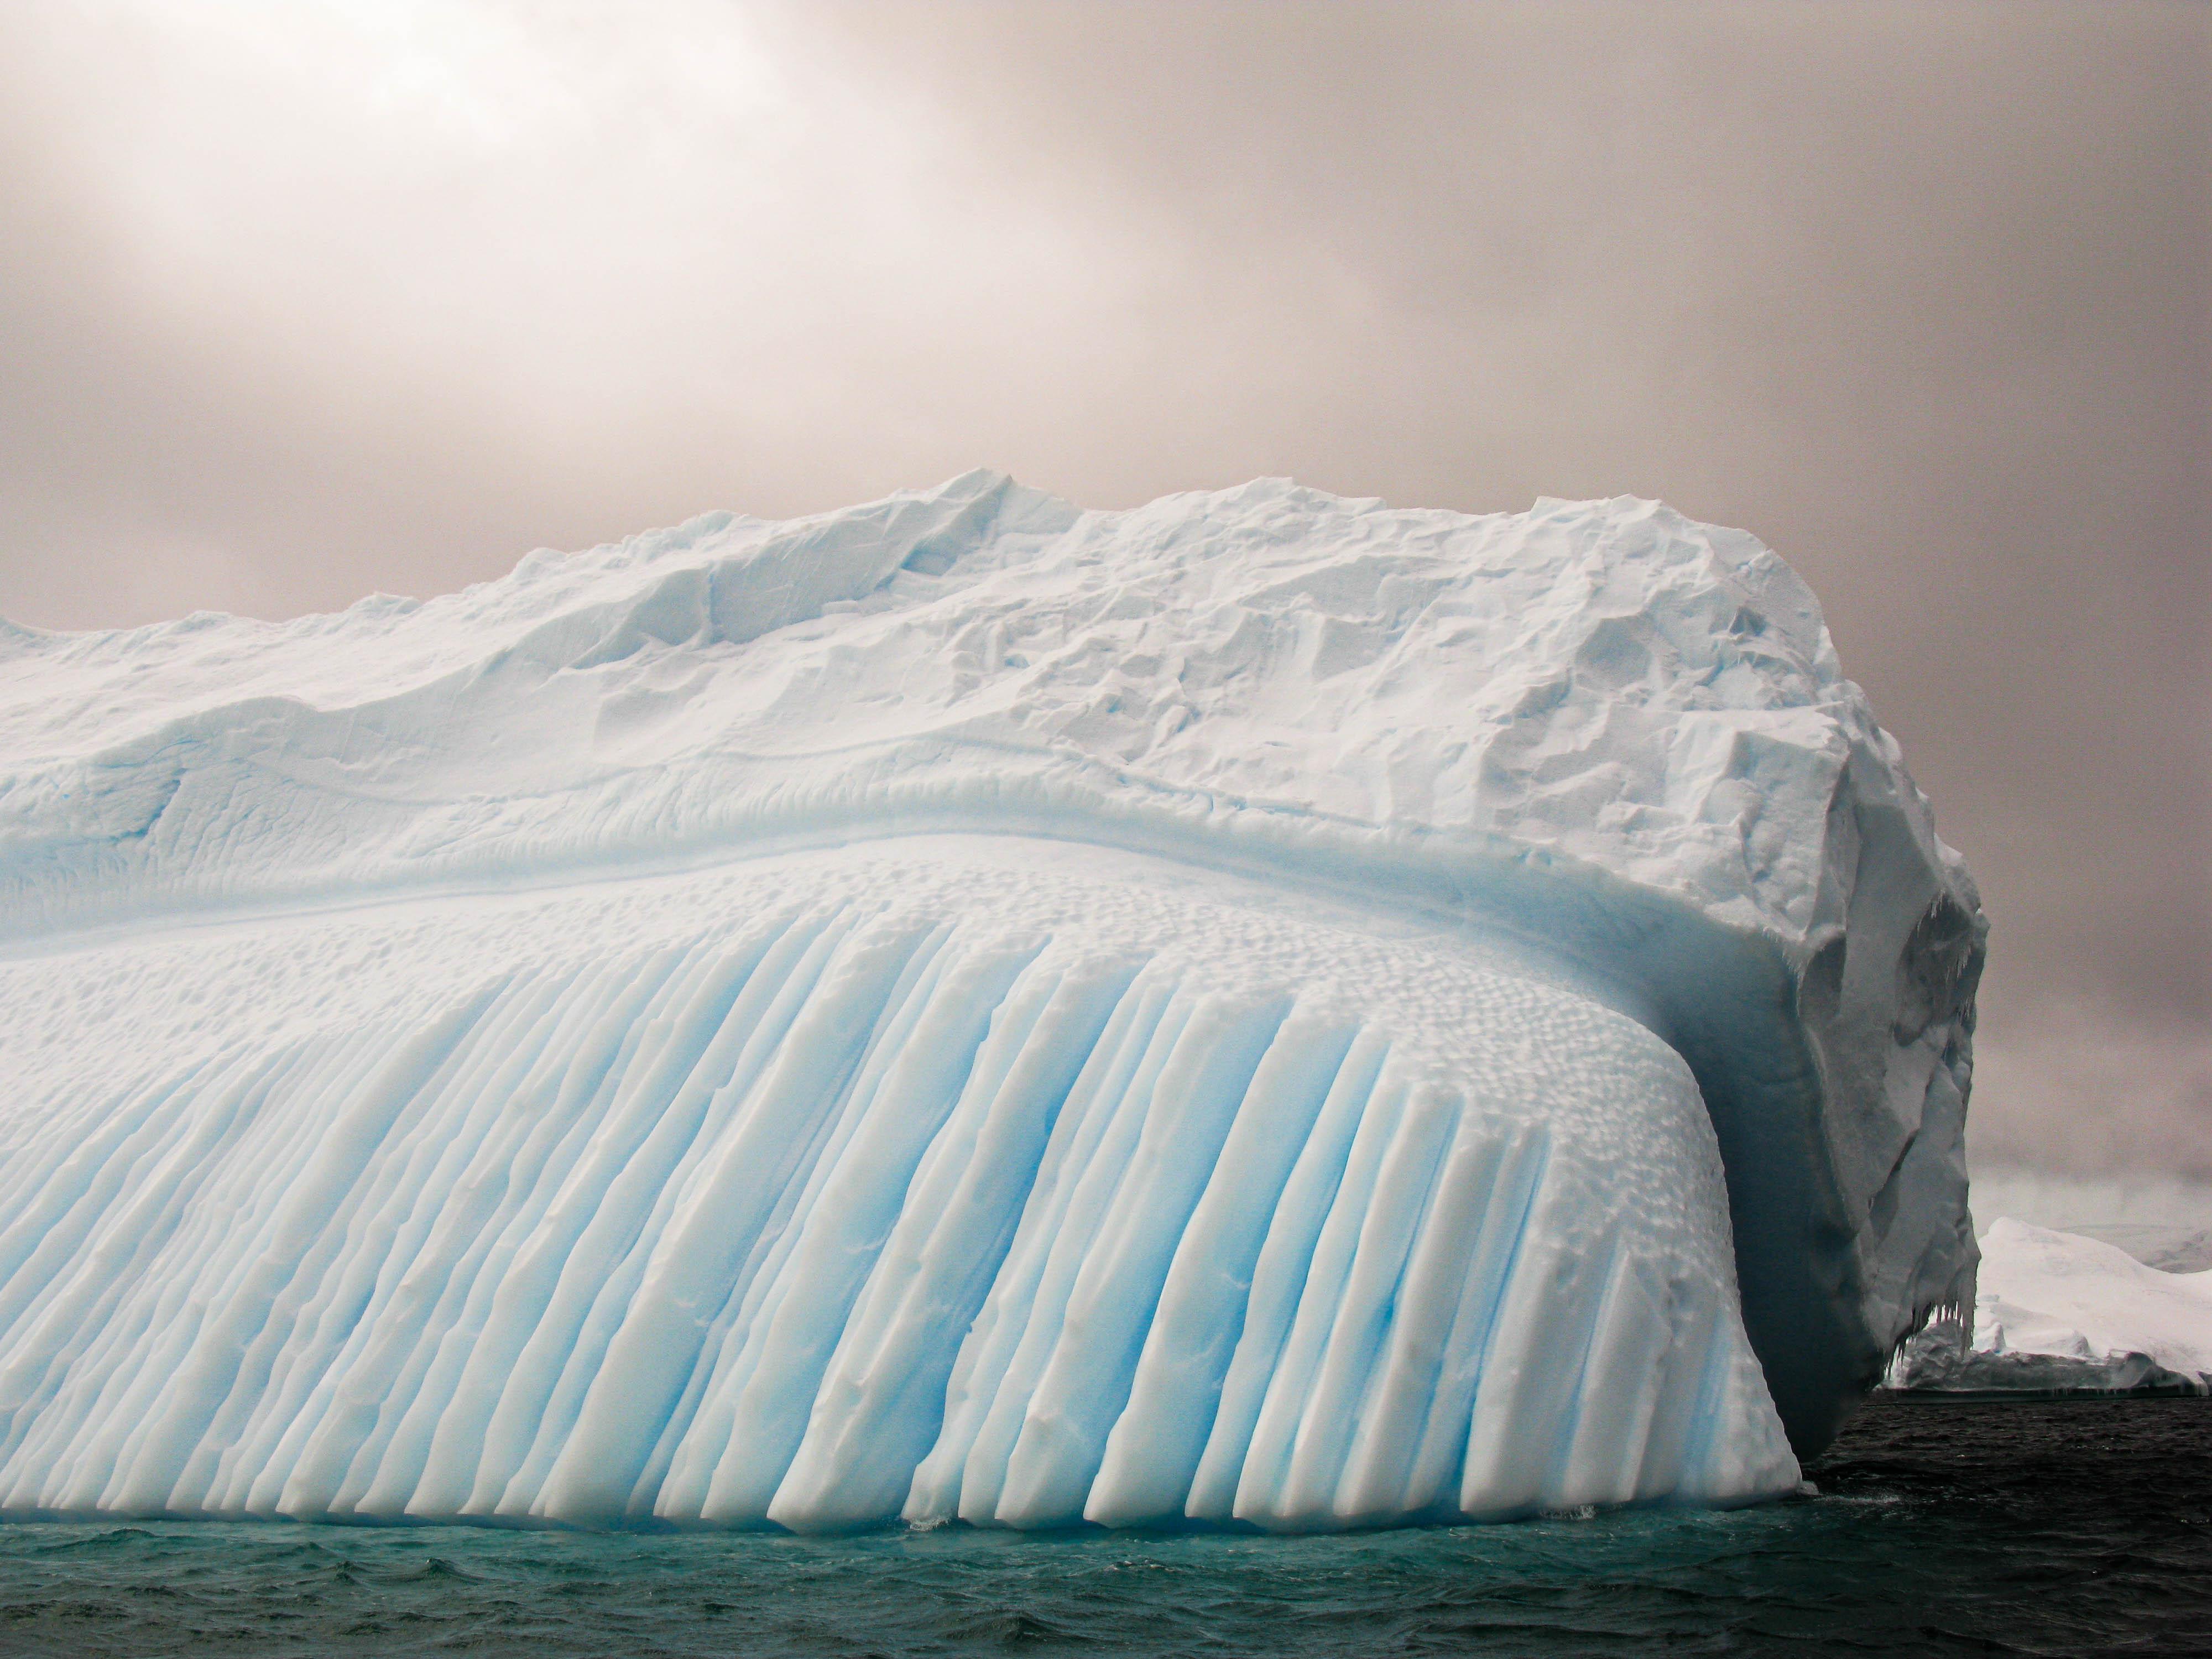 Wind-sculpted ice 3, Pléneau Island, Antarctica